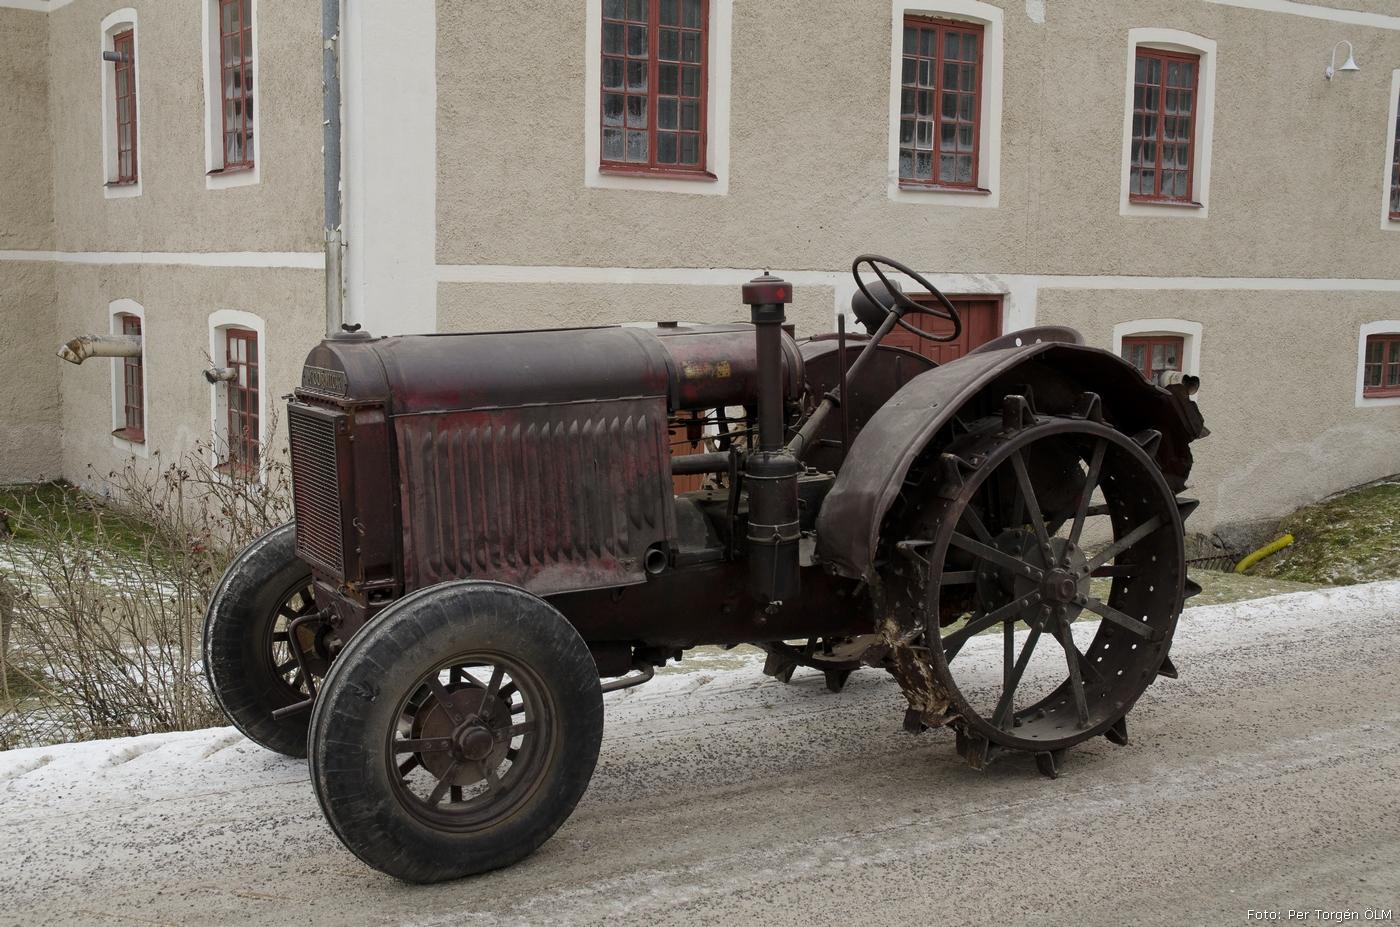 2012-02-10_091_Tekniska_kvarnen